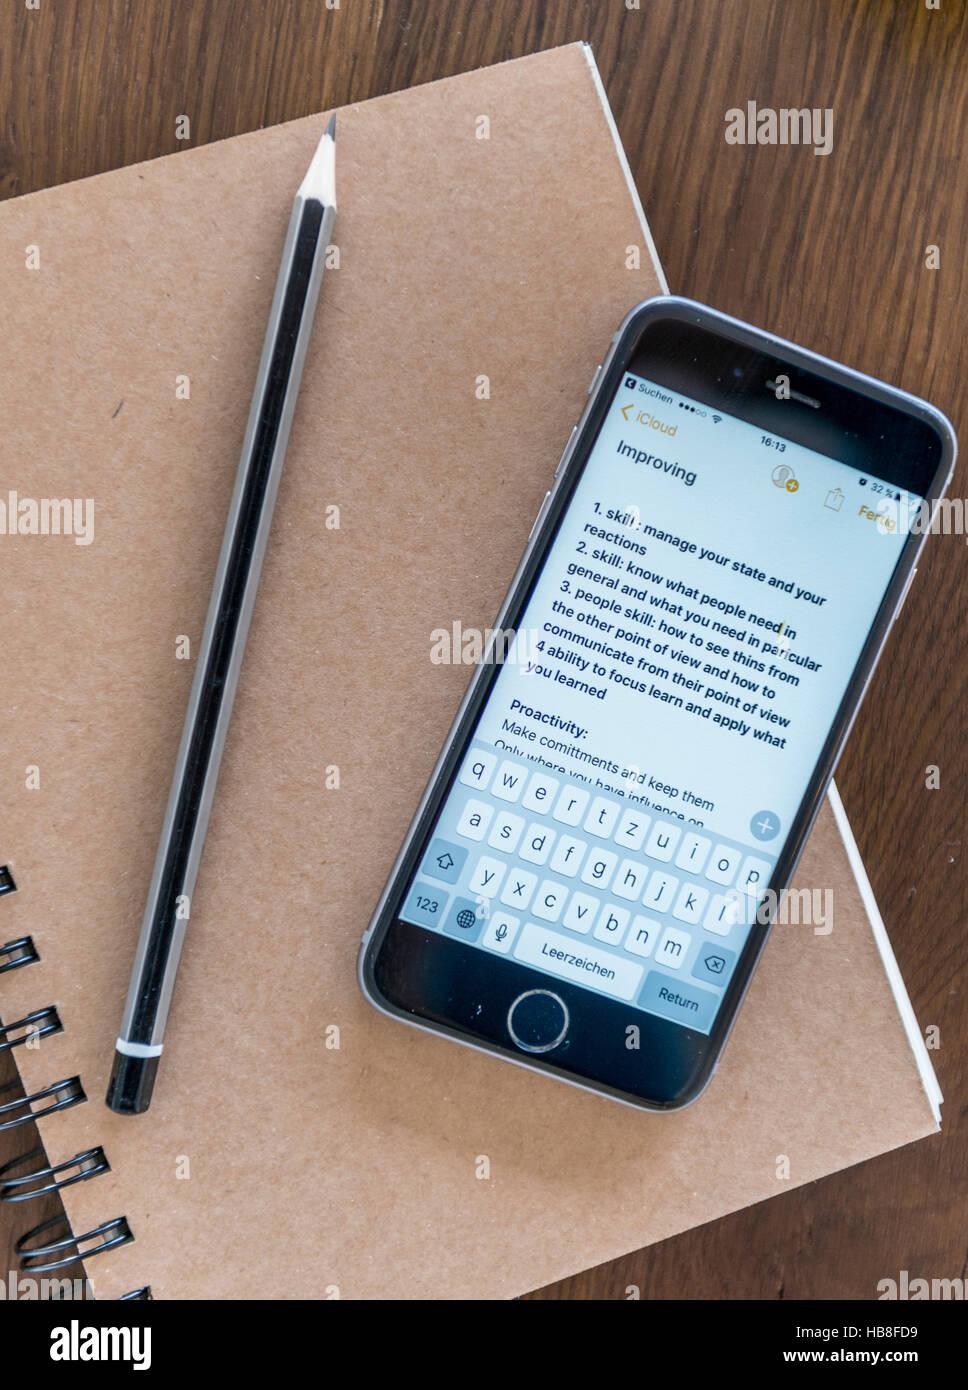 Hinweise zum Smartphone, Notizbuch und Stift auf einem Holztisch Stockbild